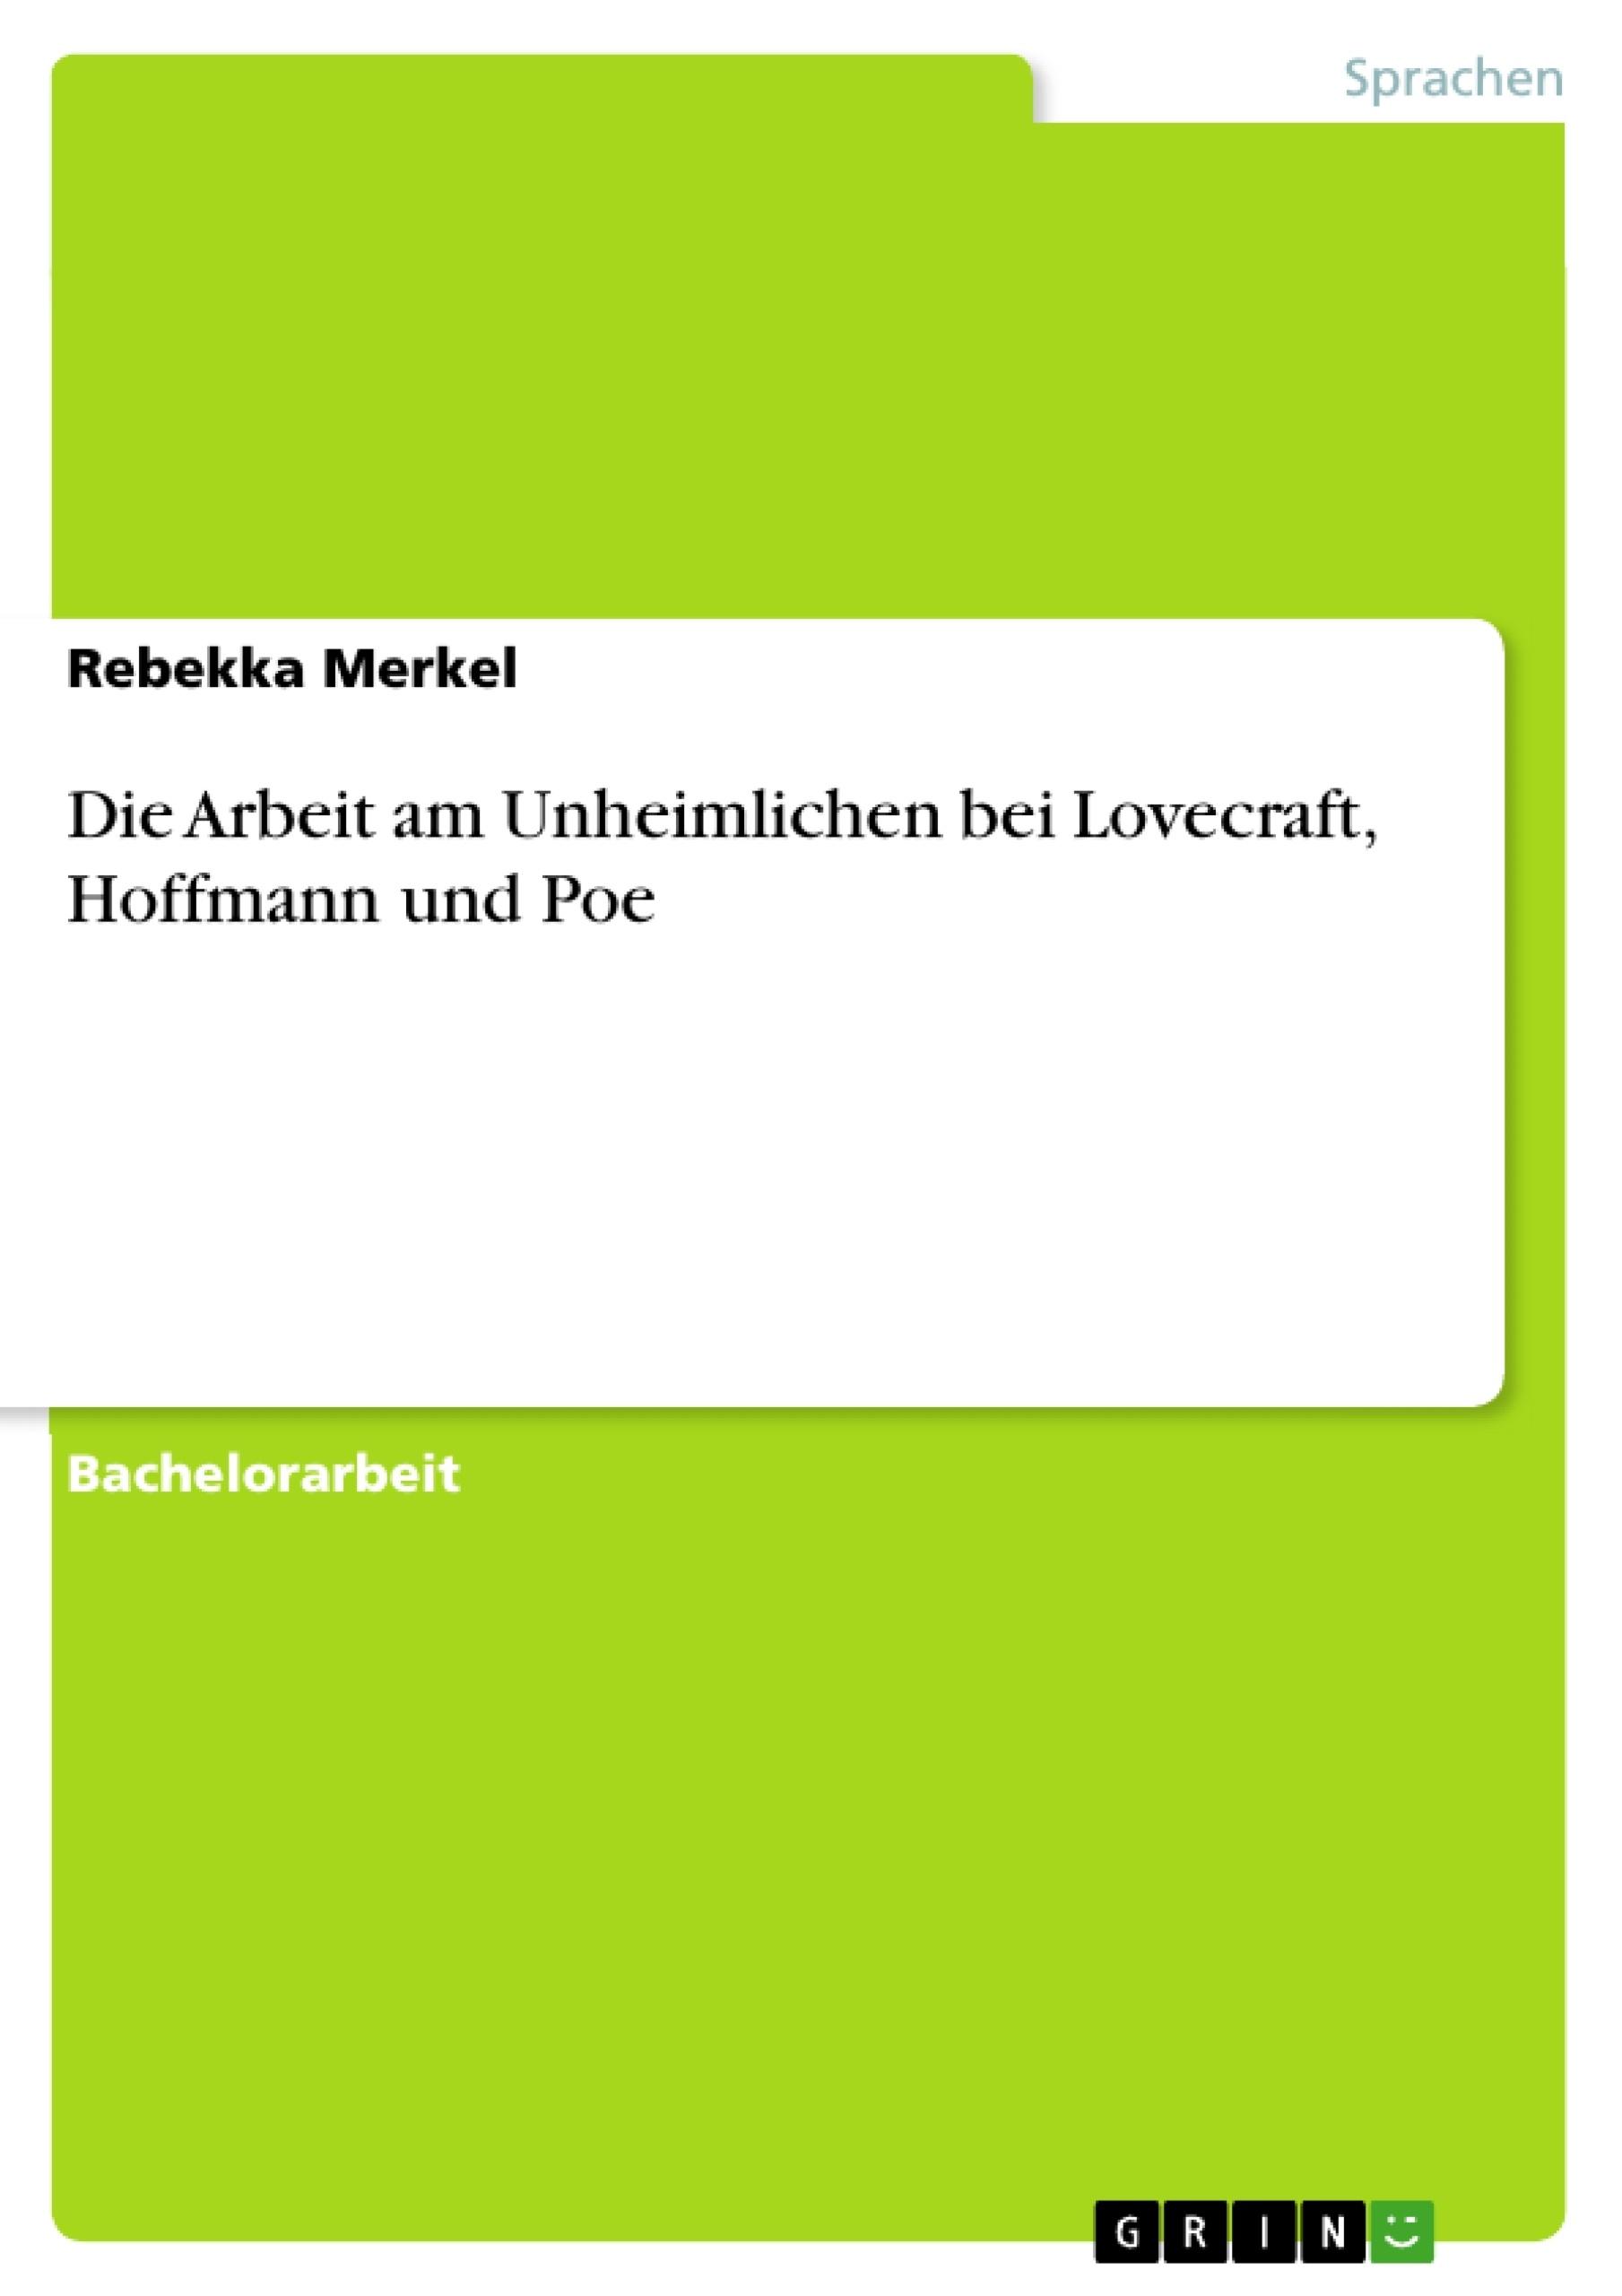 Titel: Die Arbeit am Unheimlichen bei Lovecraft, Hoffmann und Poe